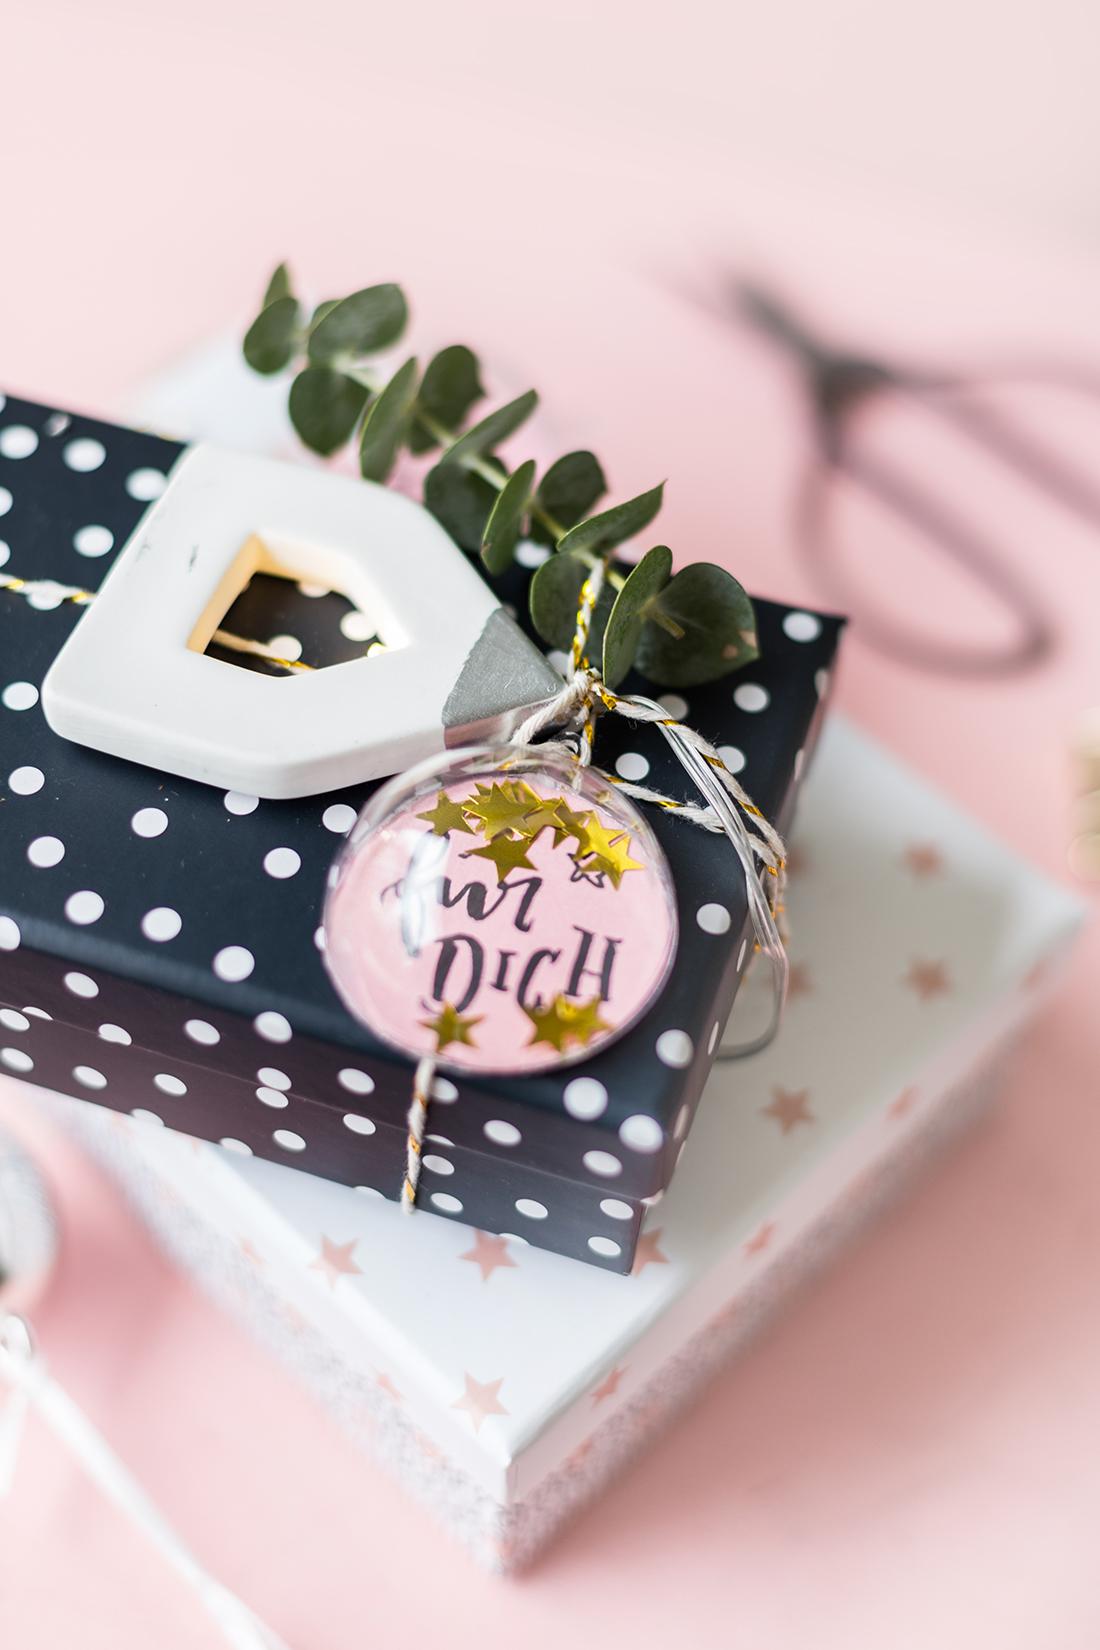 Bezaubernd Weihnachtsgeschenk Basteln Das Beste Von Tchibo-geschenke-verpacken-diy-basteln-weihnachten-diy-design (13)